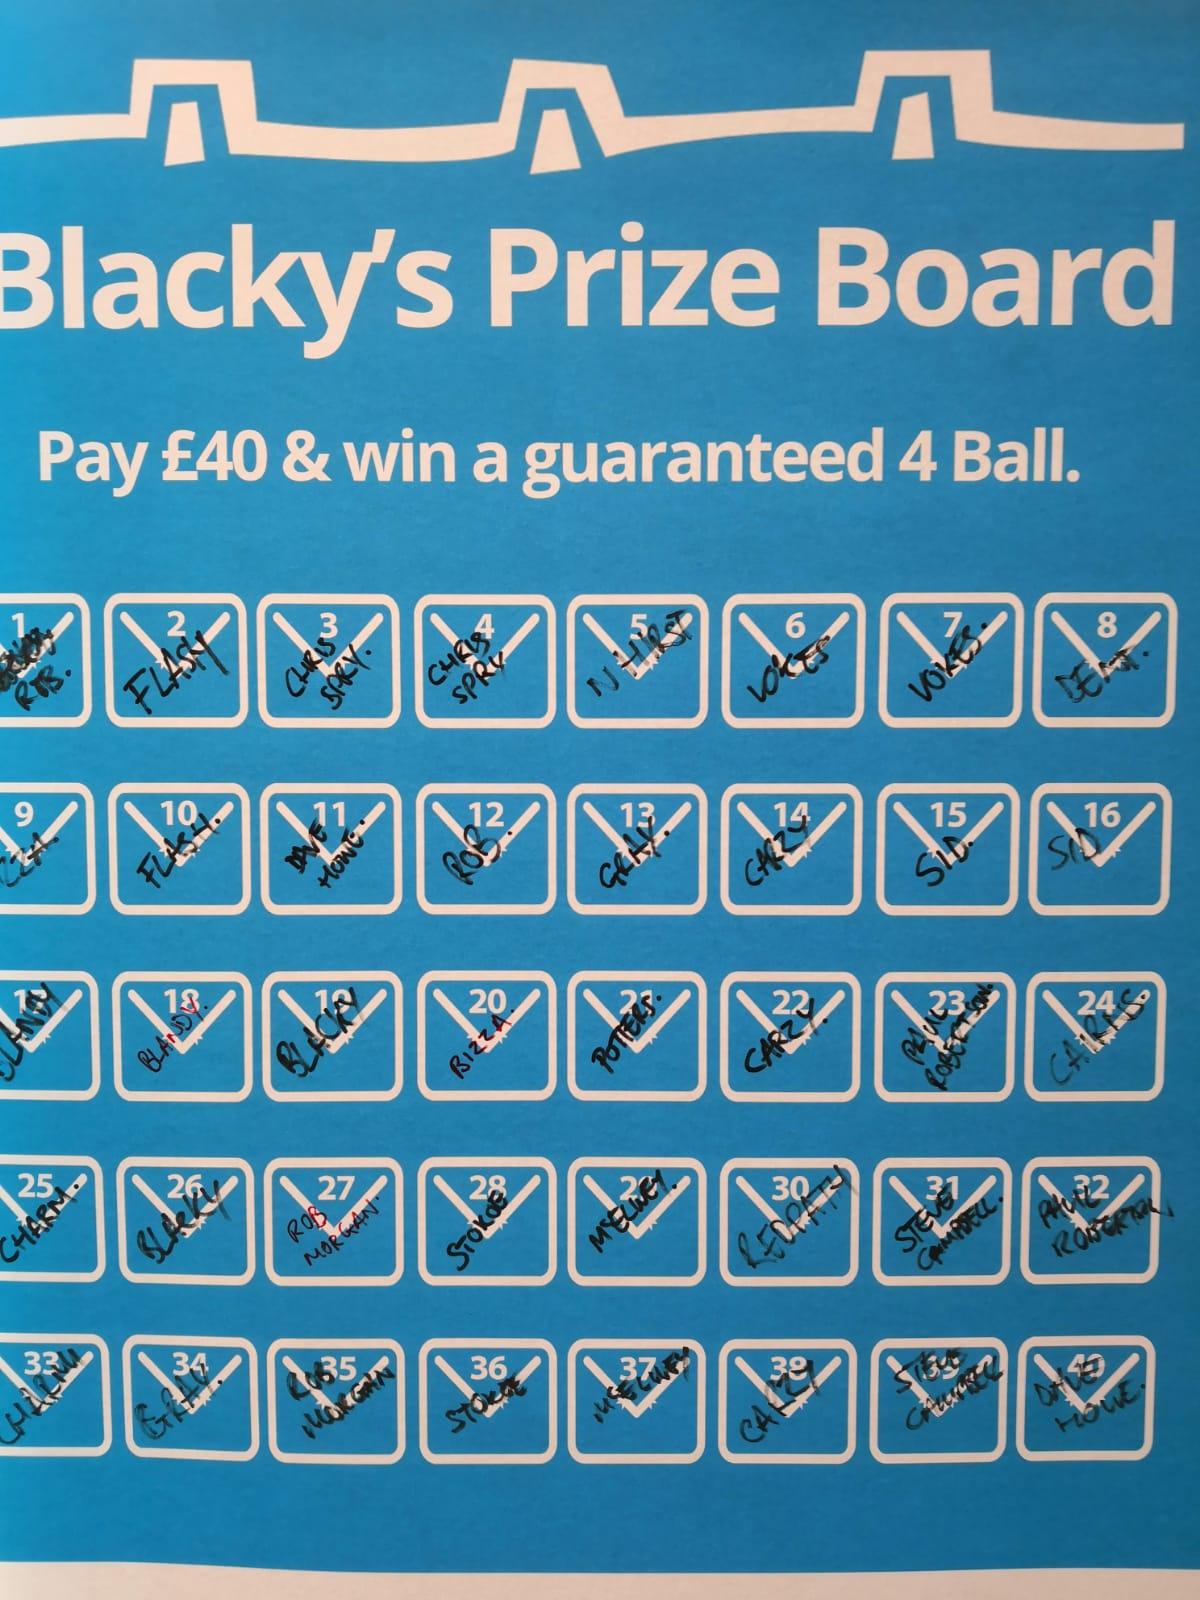 Mr Black's Prize Board